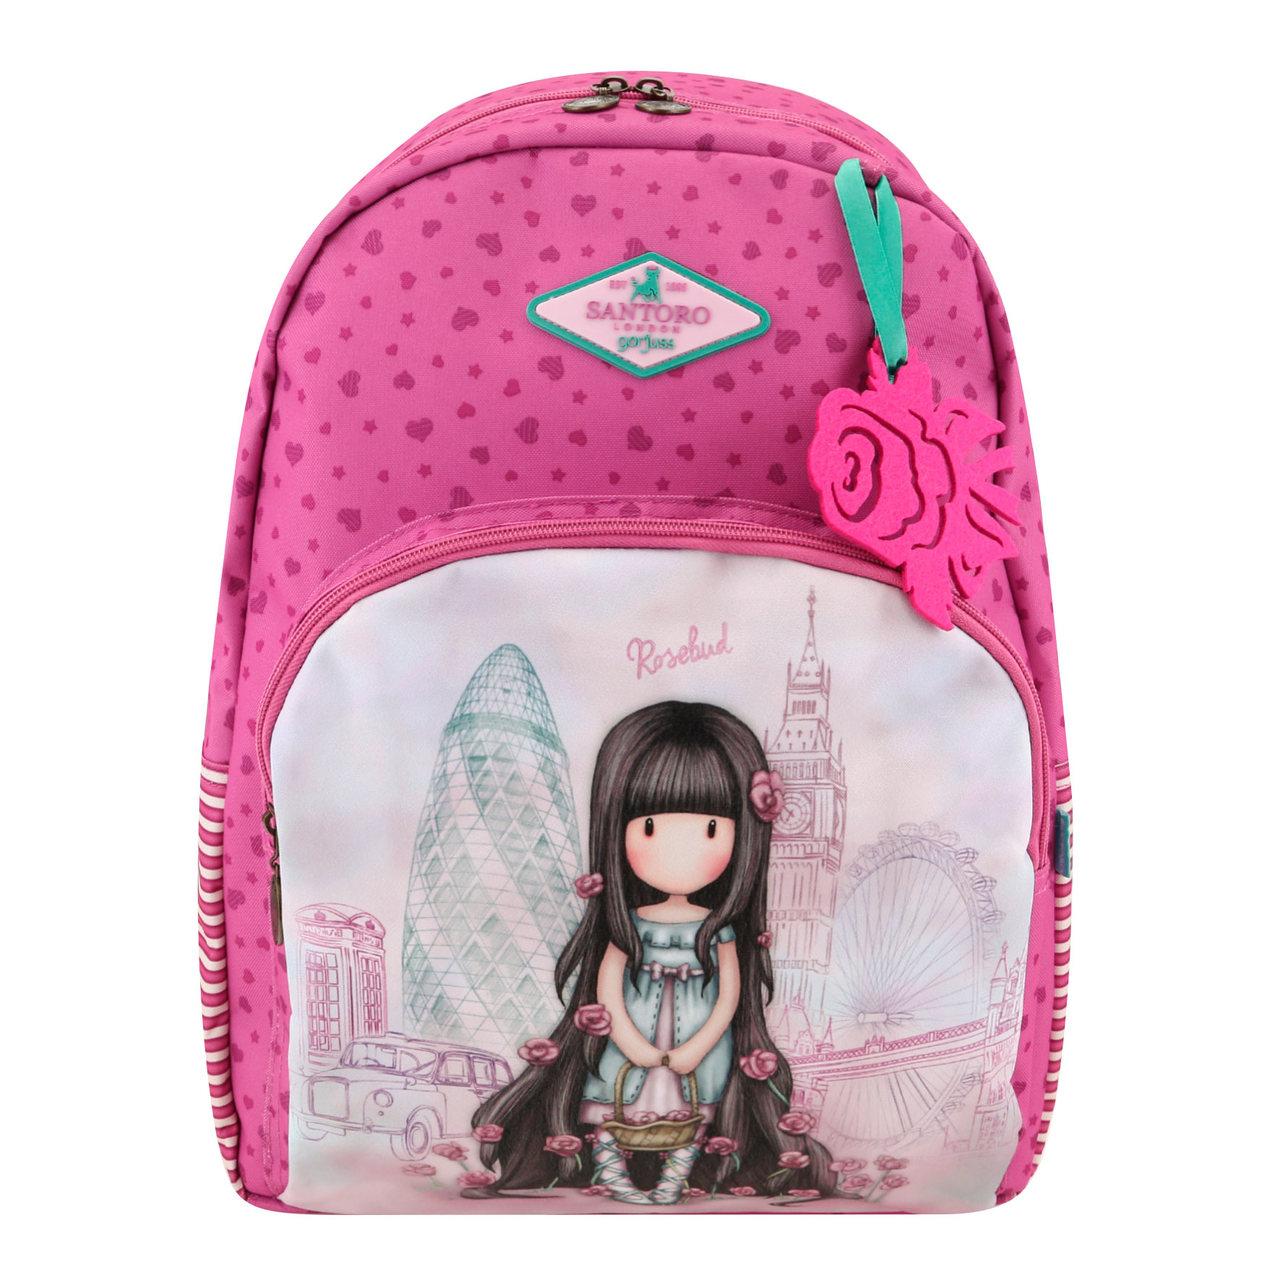 Santoro velký růžový batoh Gorjuss Rosebud Rosie - Glami.cz f535cc46cb